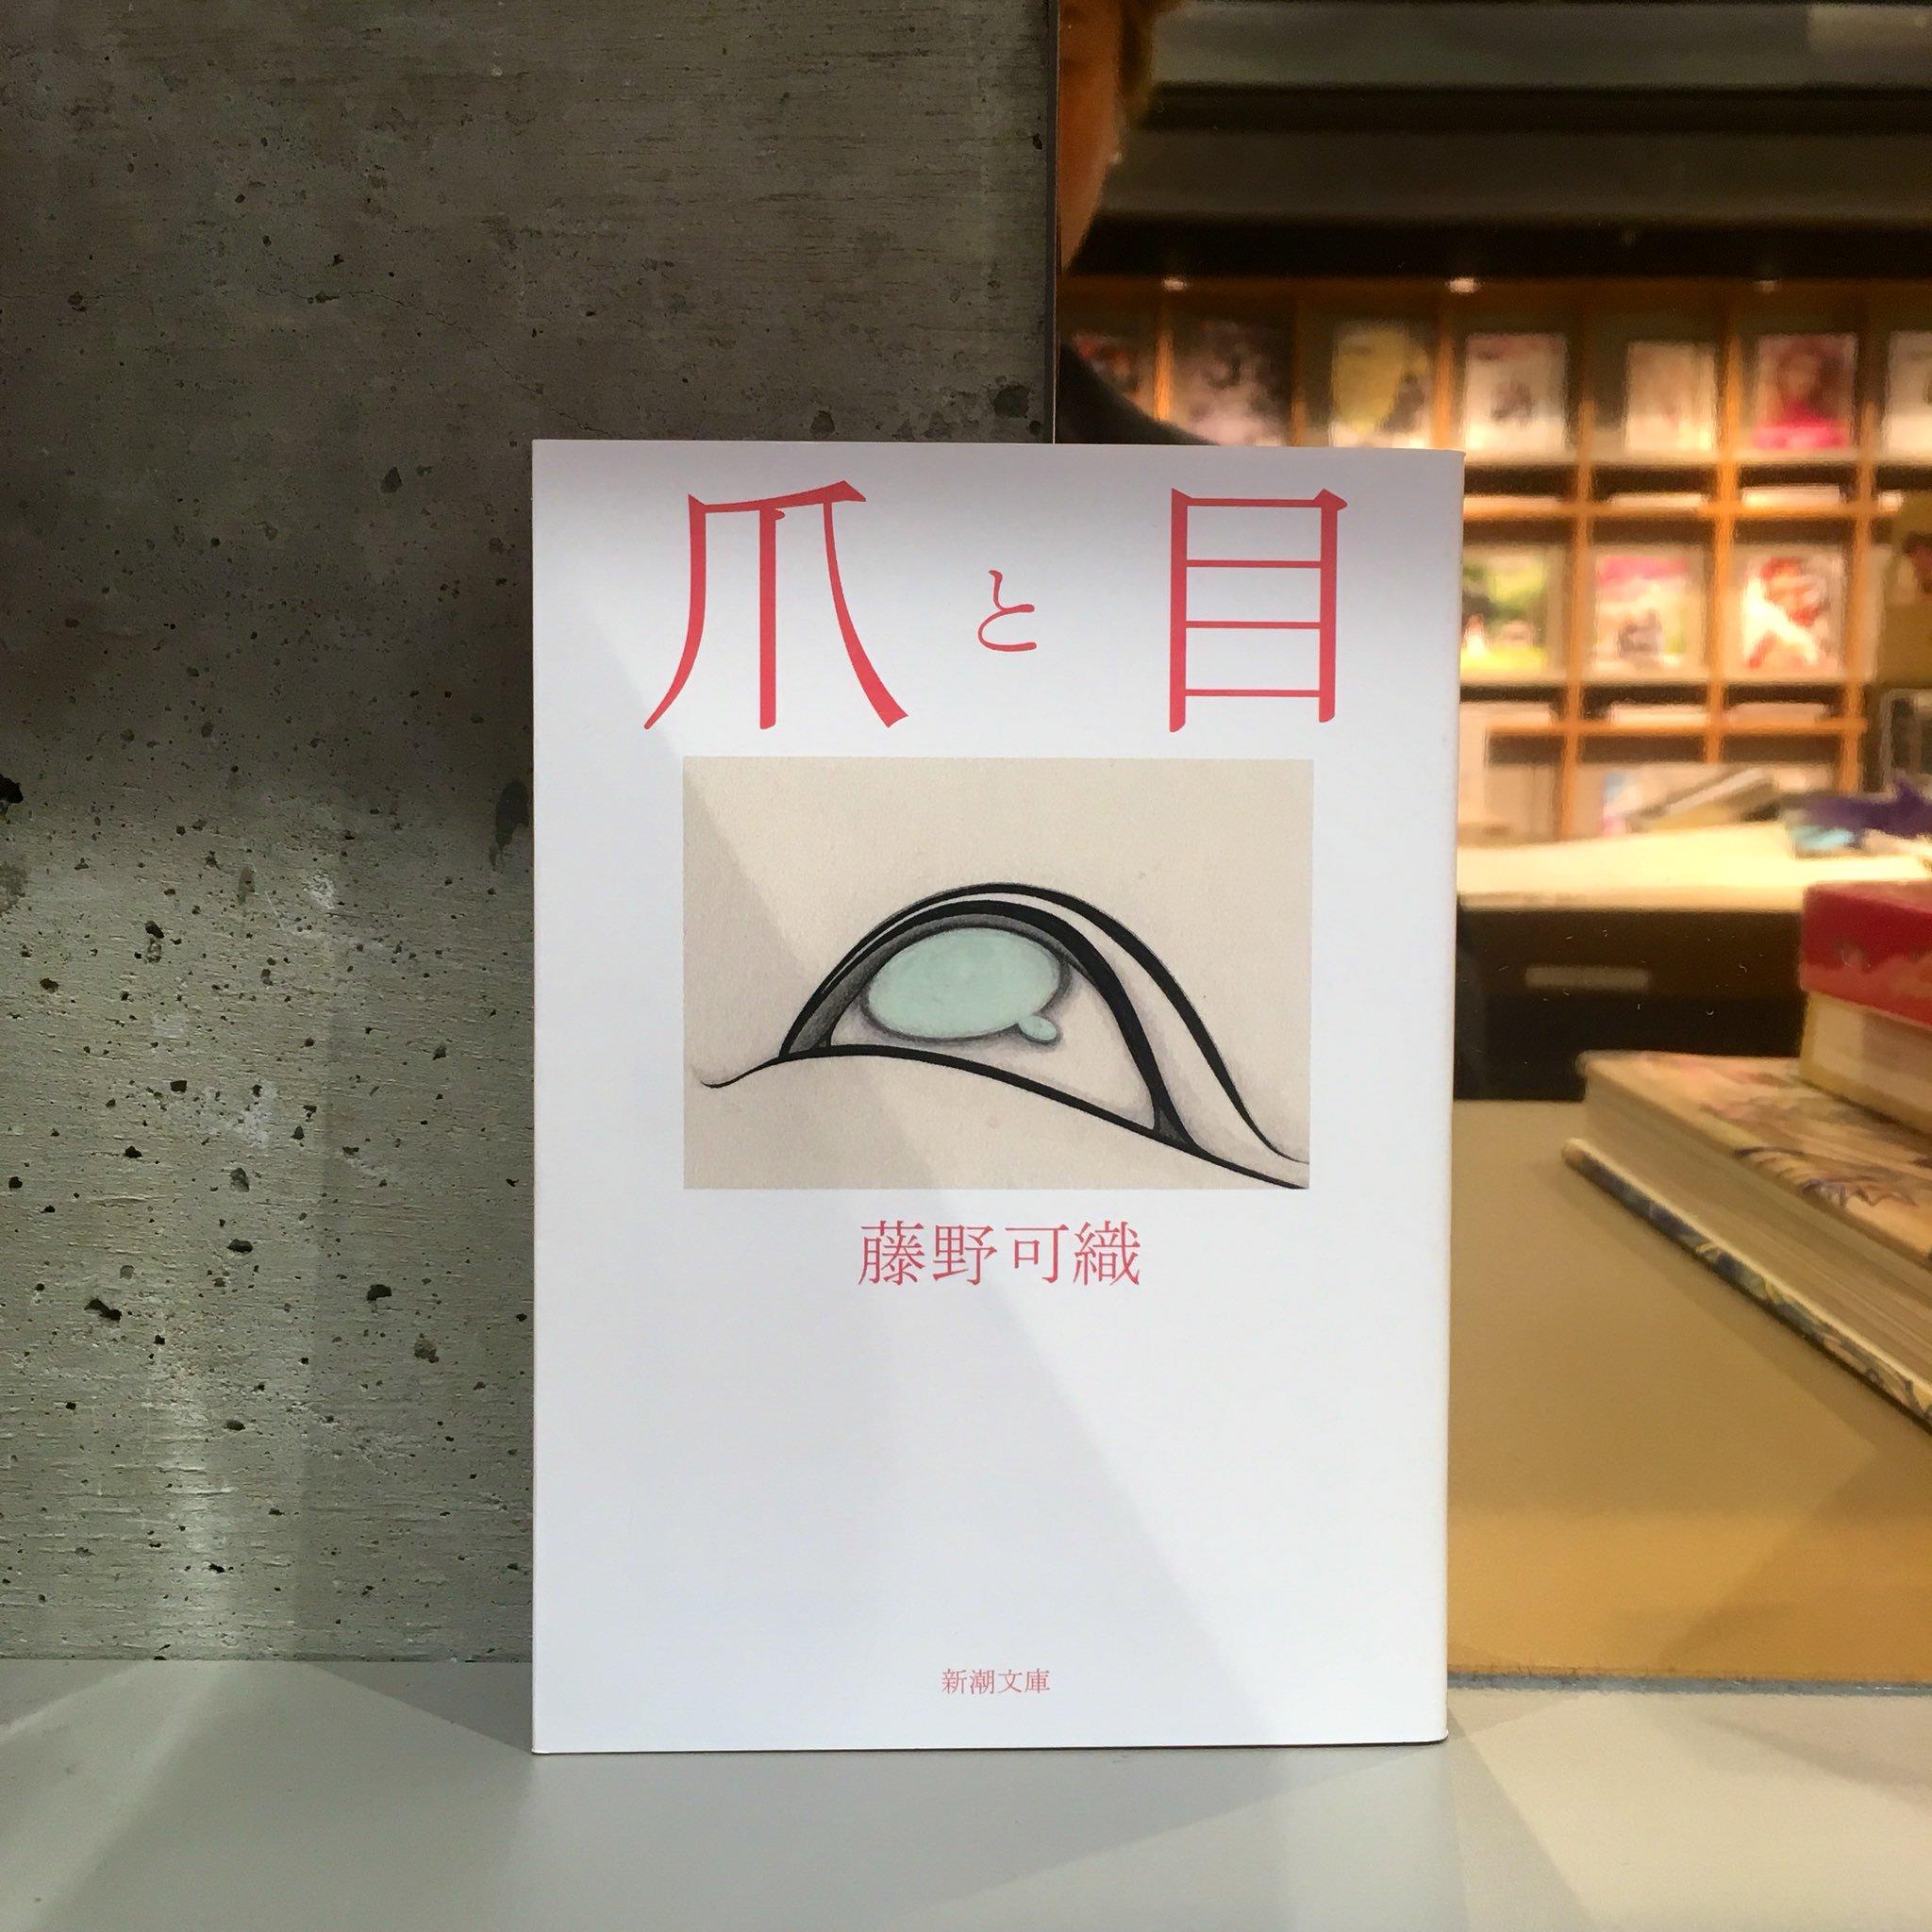 藤野可織『爪と目』(新潮社)